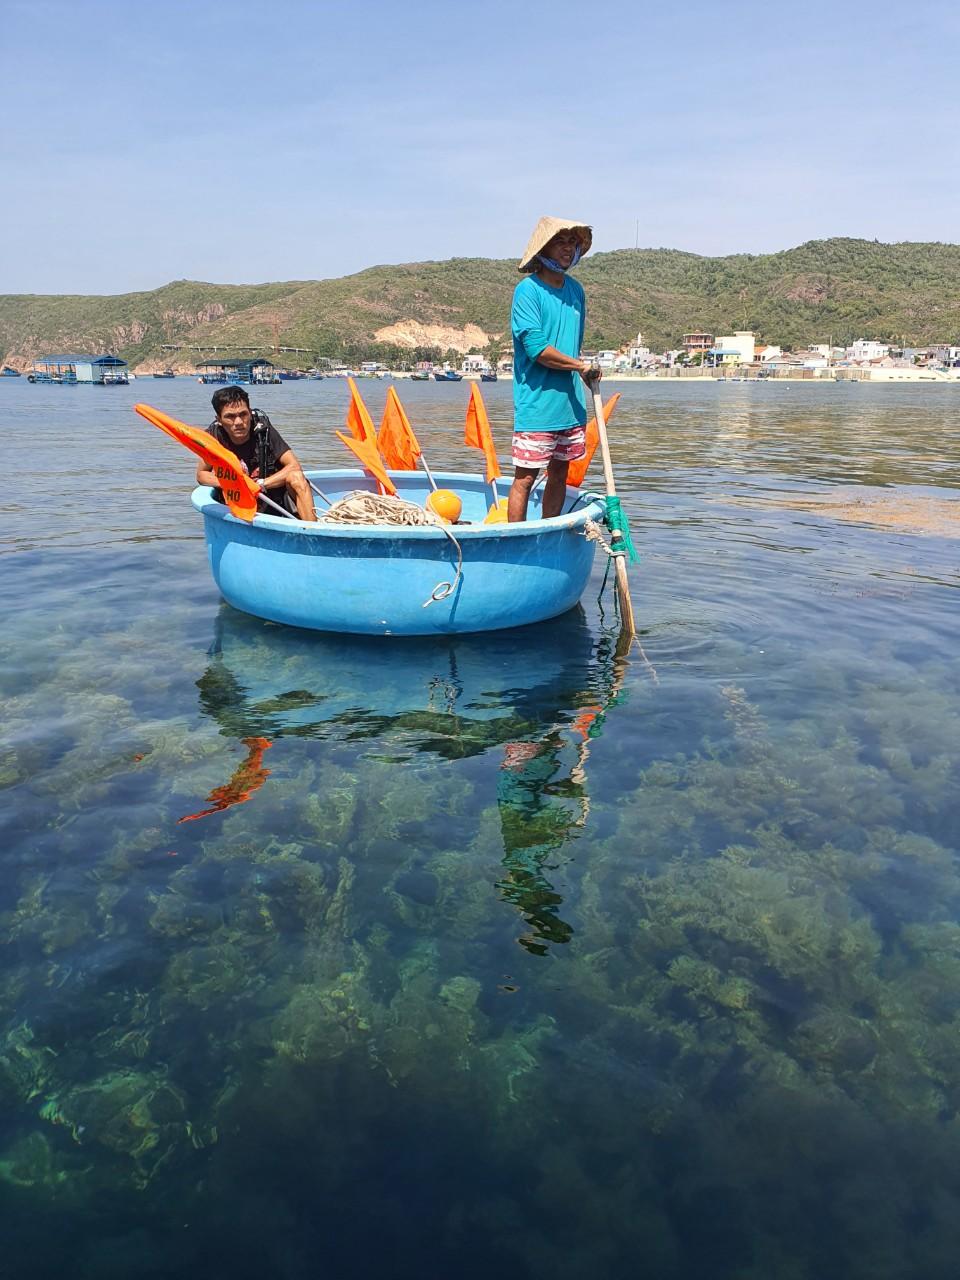 Khoanh vùng cắm phao tiêu bảo vệ rạn san hô ở Quy Nhơn. Ảnh: Nguyễn Tôn Xuân Sáng.